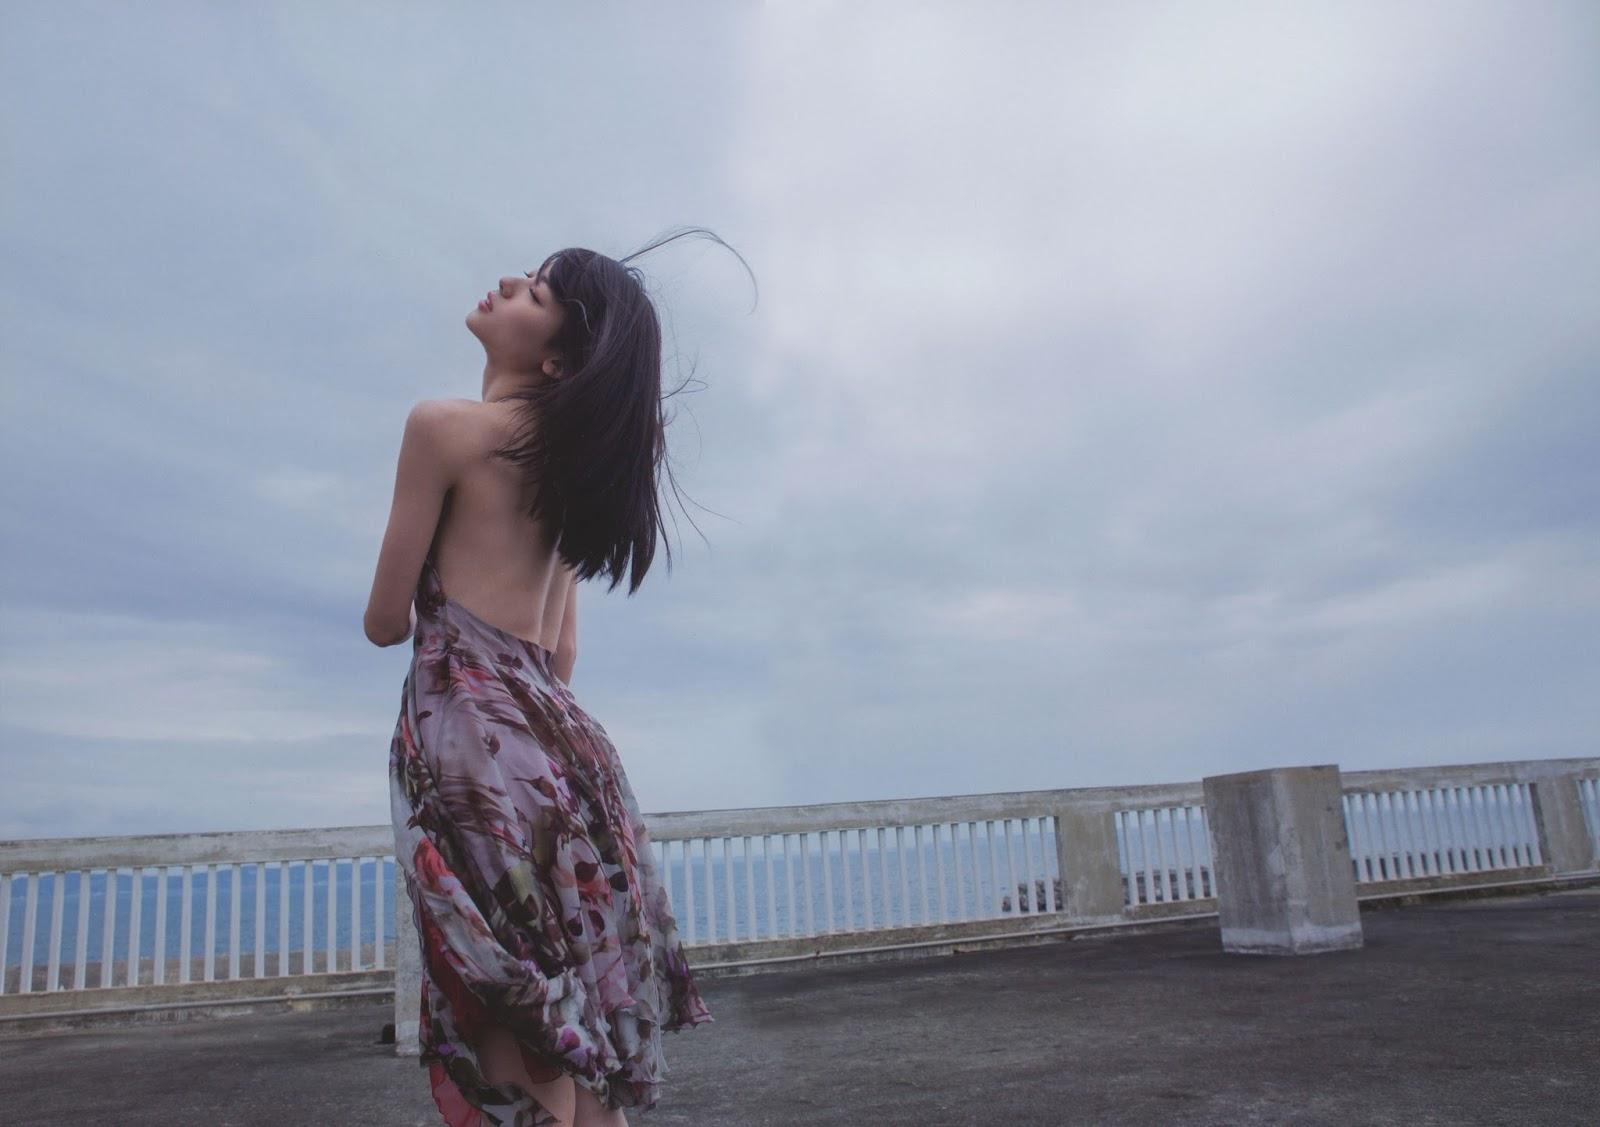 写真集「Nobody knows 23」の矢島舞美